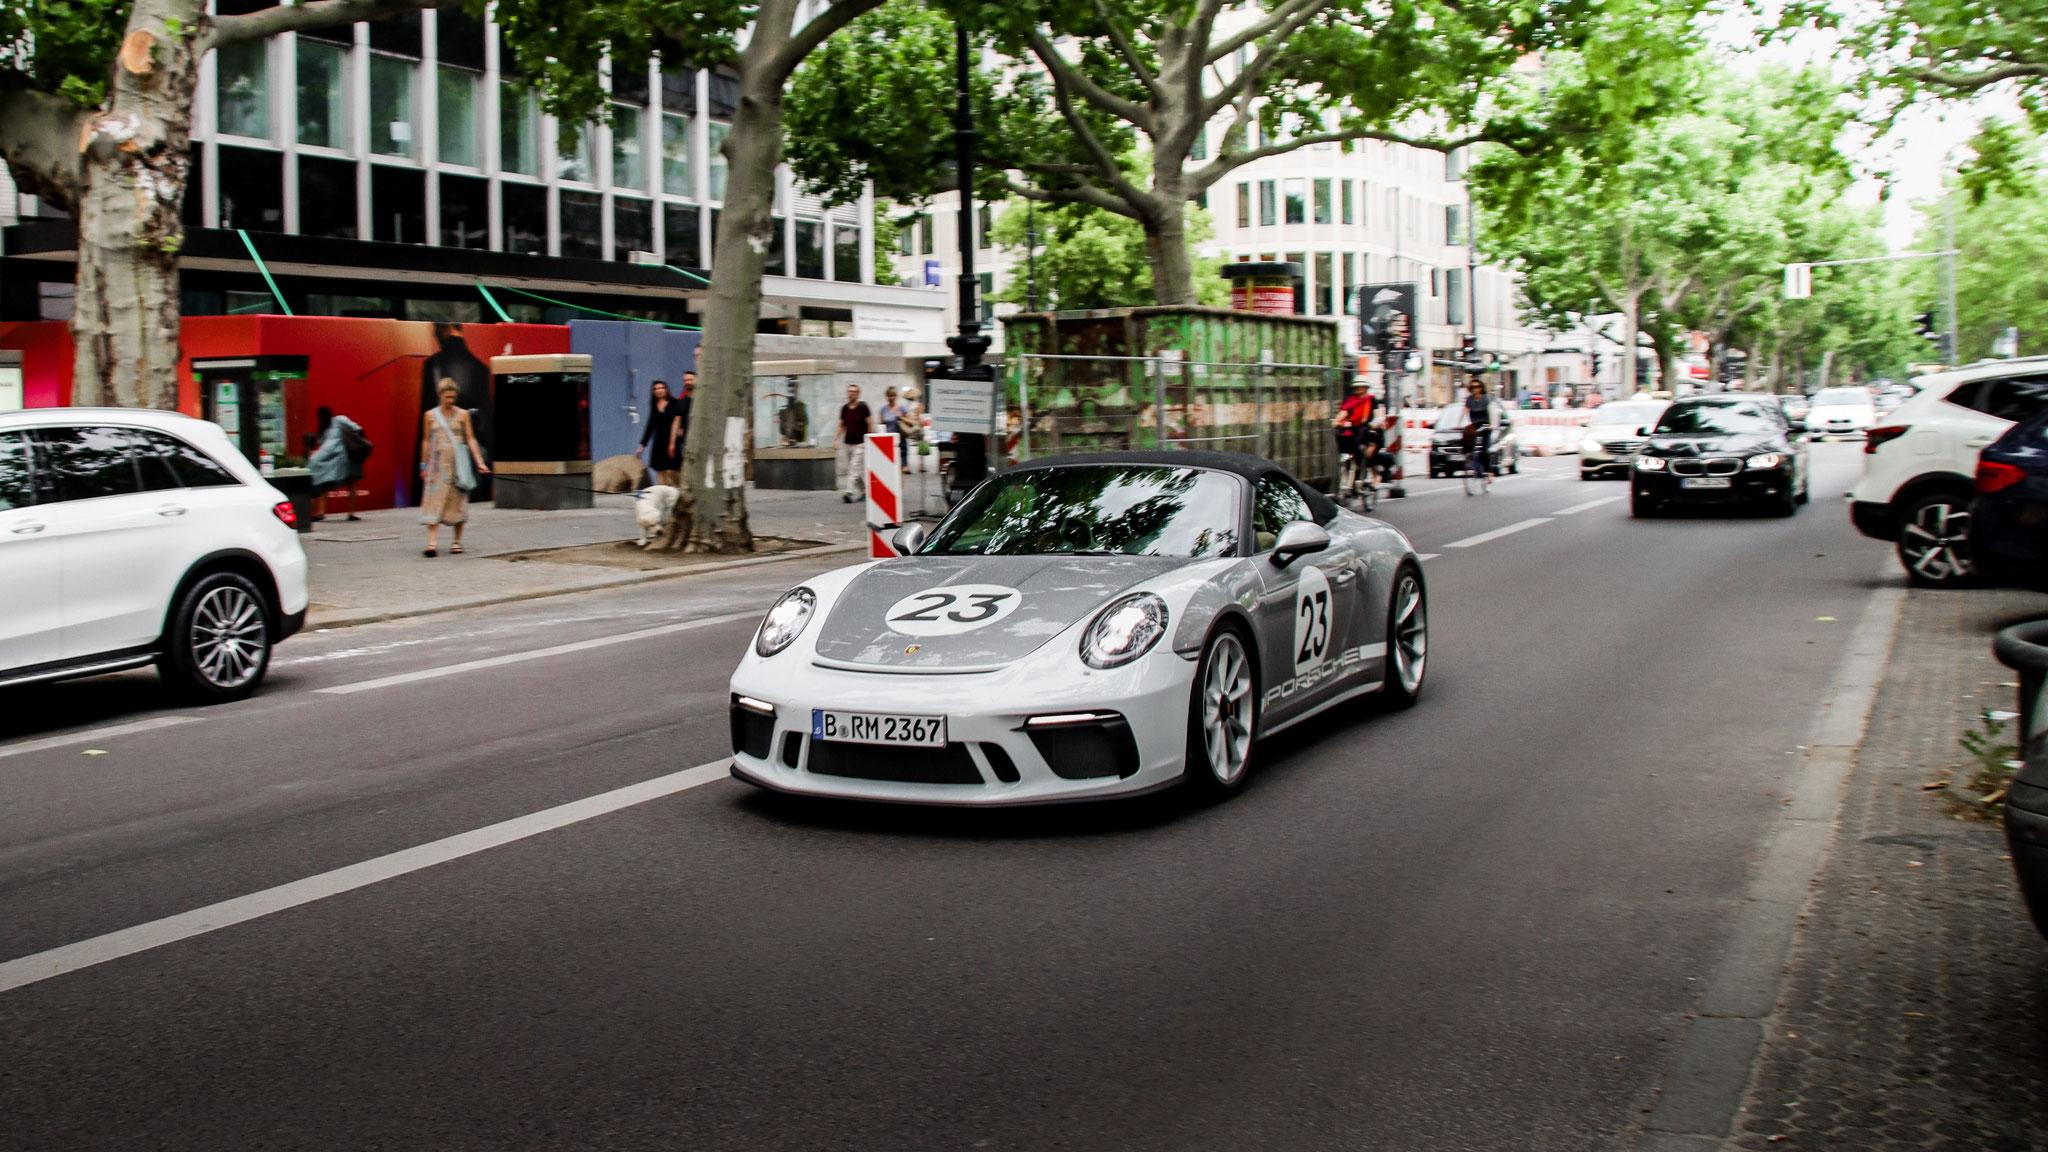 Porsche 991 Speedster - B-RM-2367